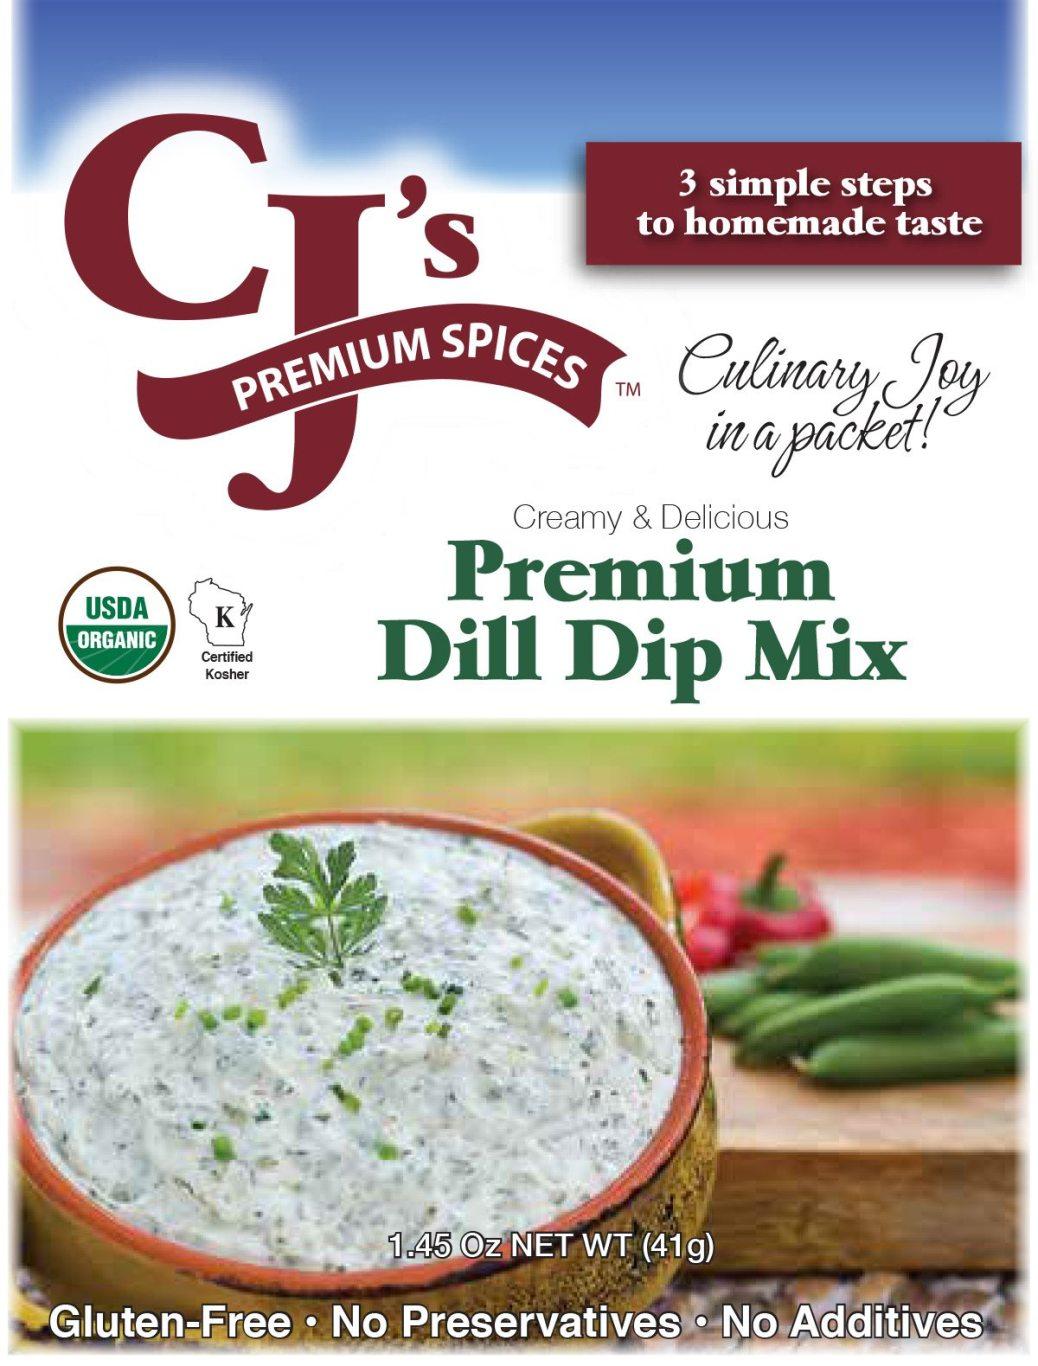 CJ's Premium Dill Dip Mix, Organic Dip, Organic Dill Dip Mix, Organic Dill Dip, sofi award winner, Dill Dip